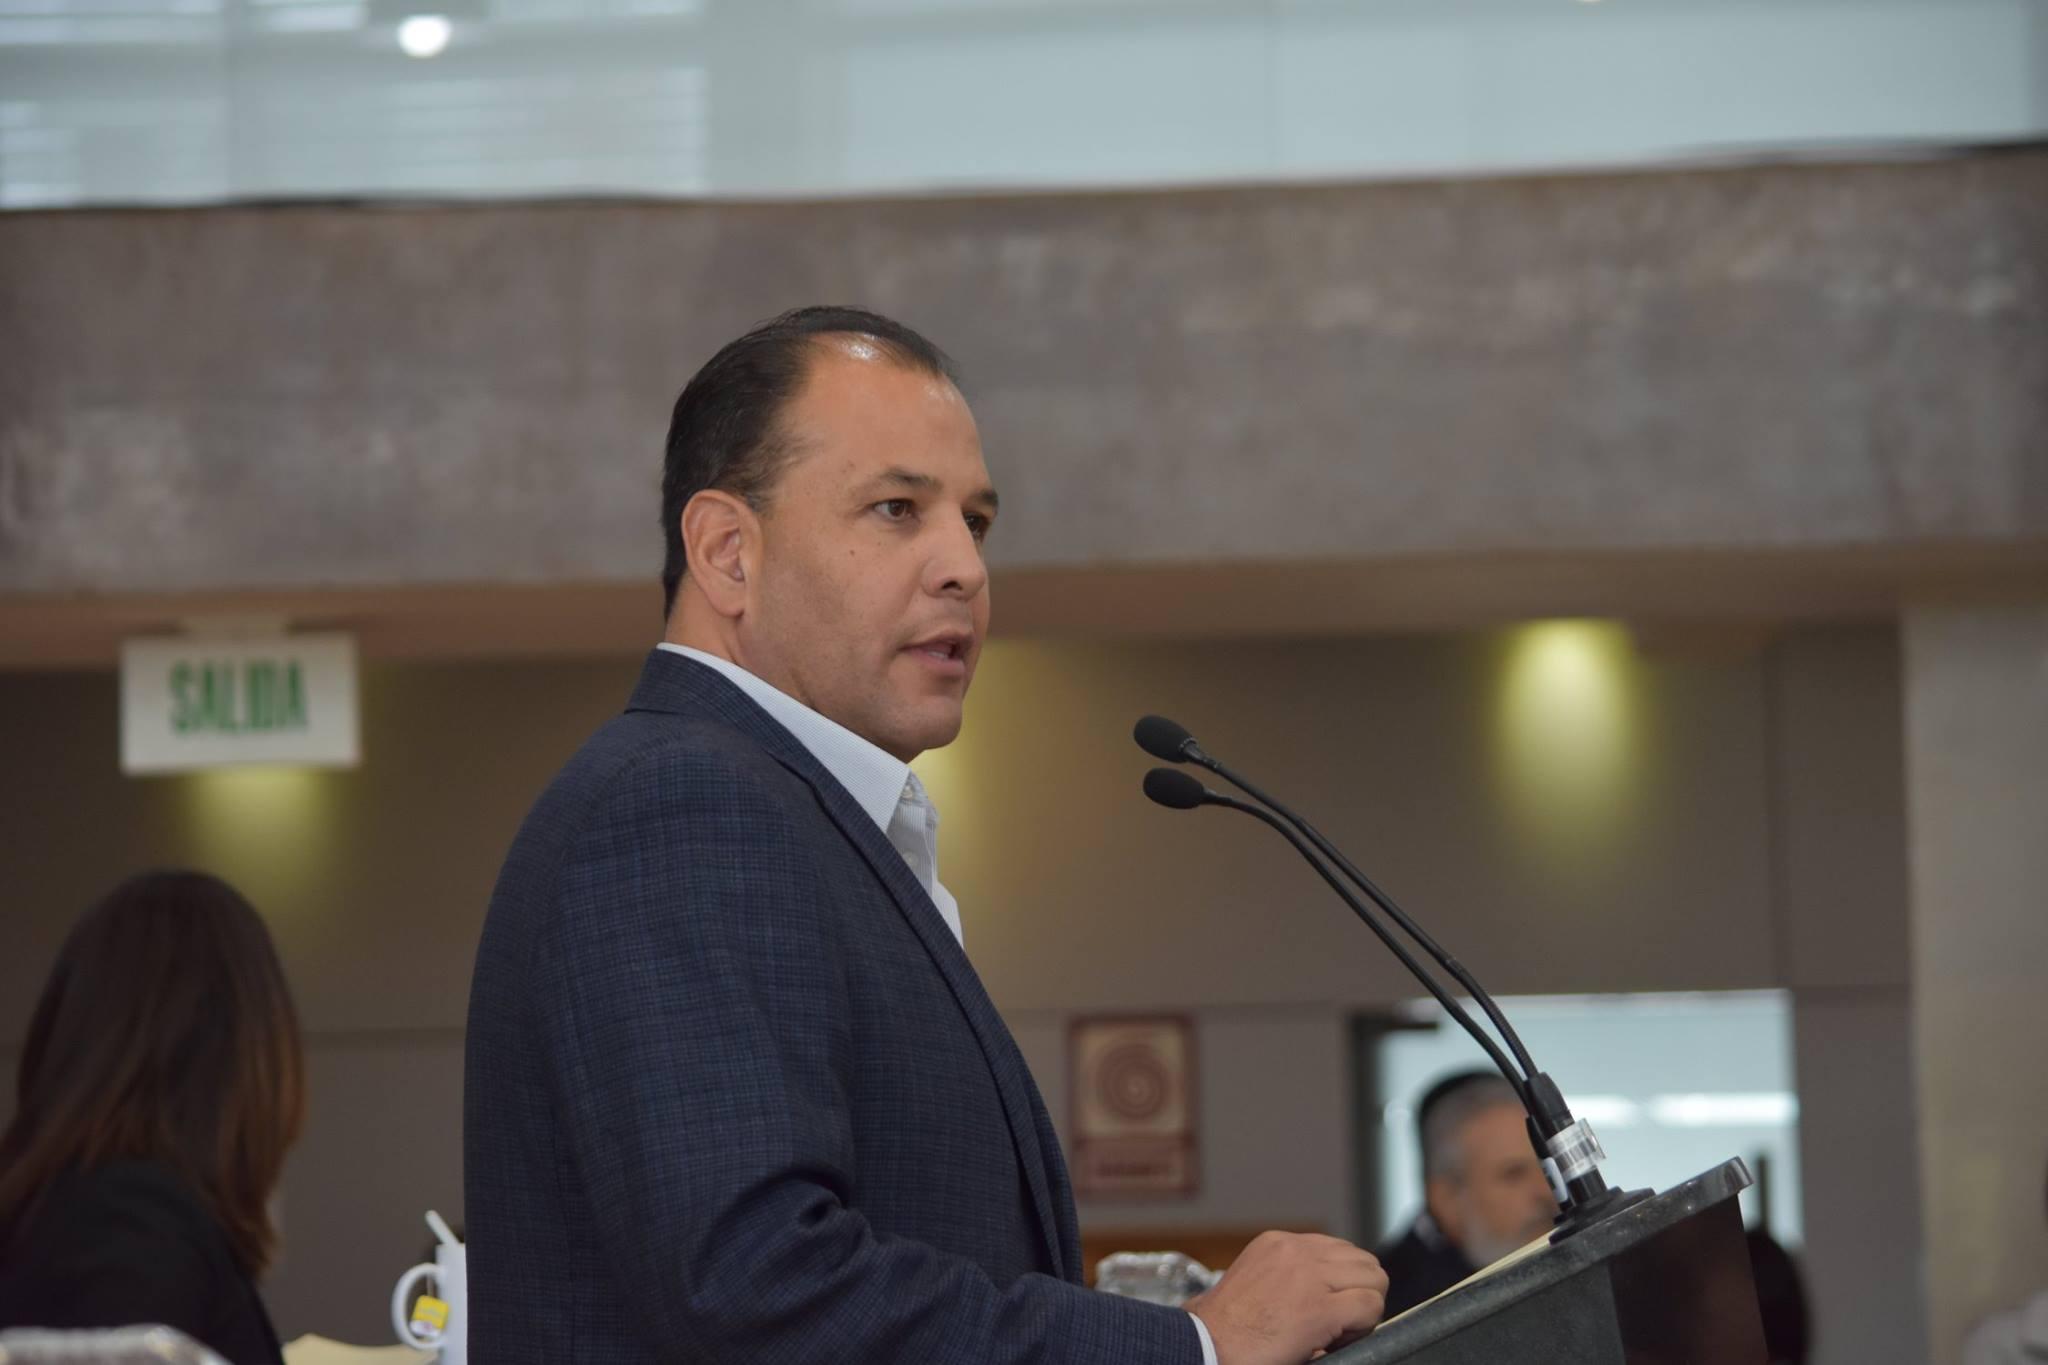 Omar bazan